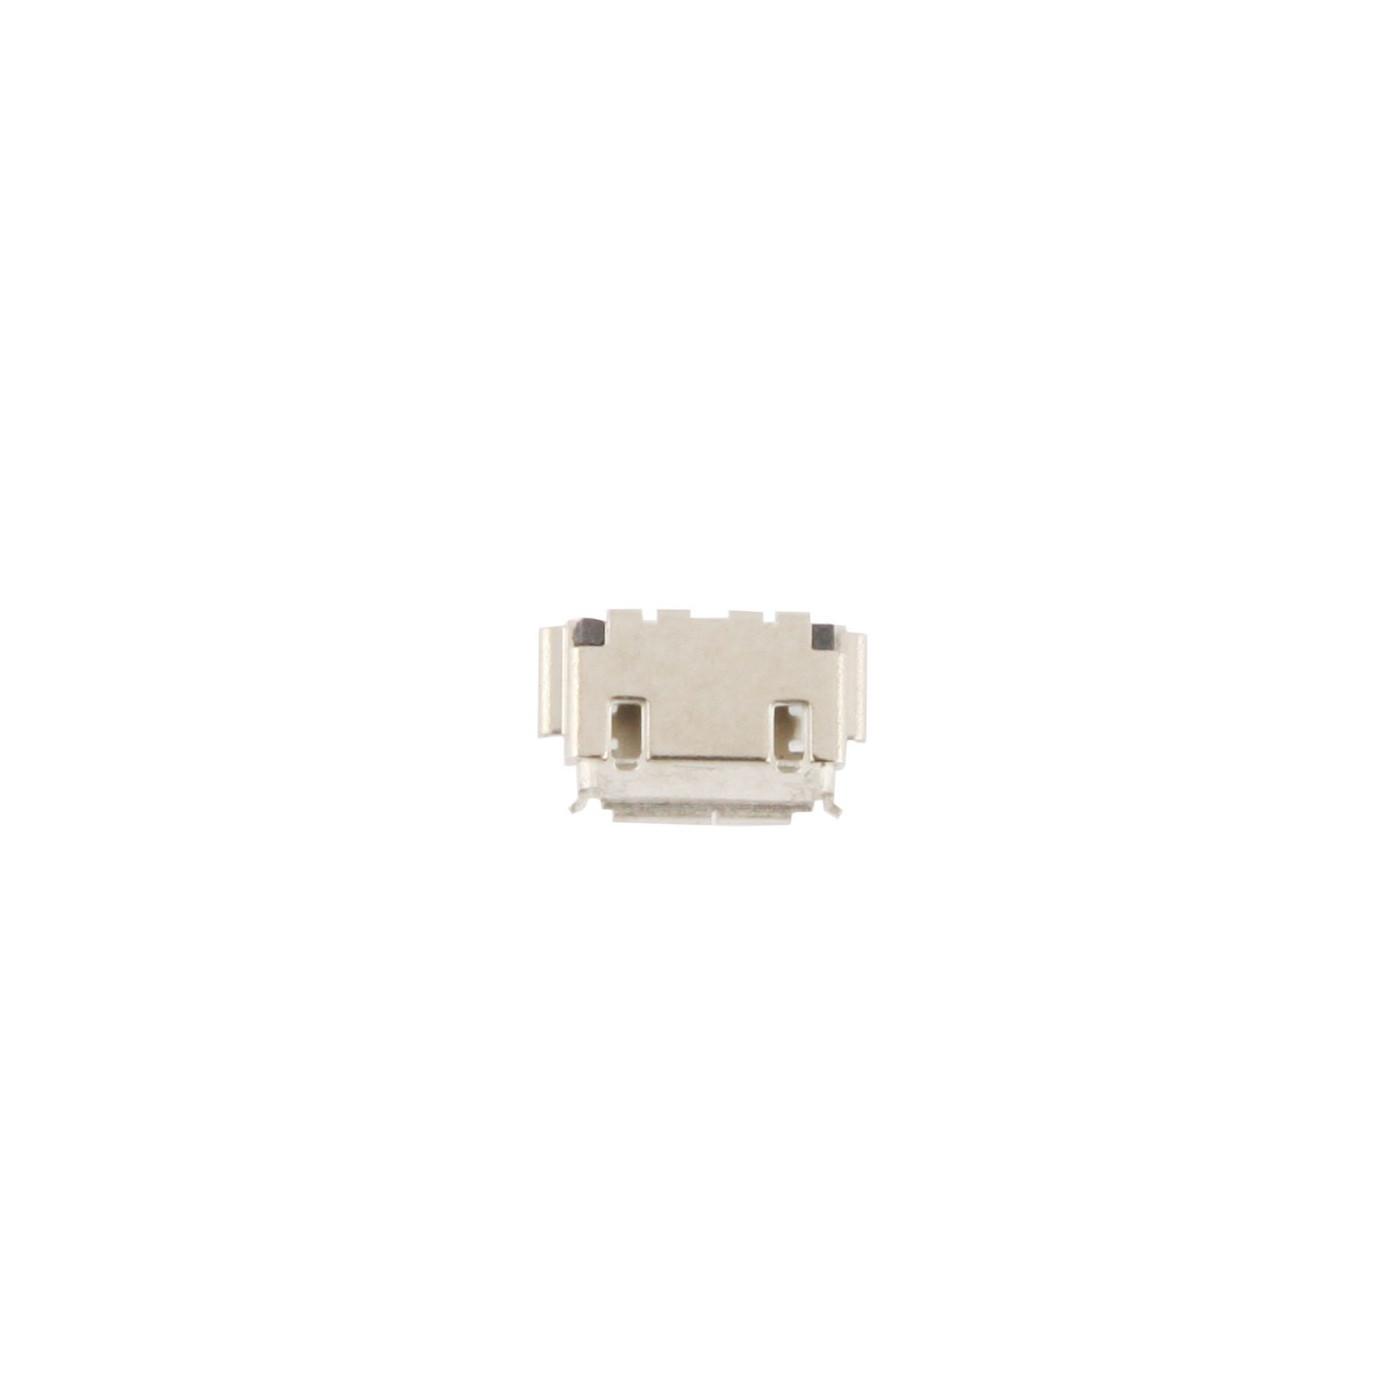 Connettore ricarica per Sony Xperia S LT26 SL26i dock carica dati